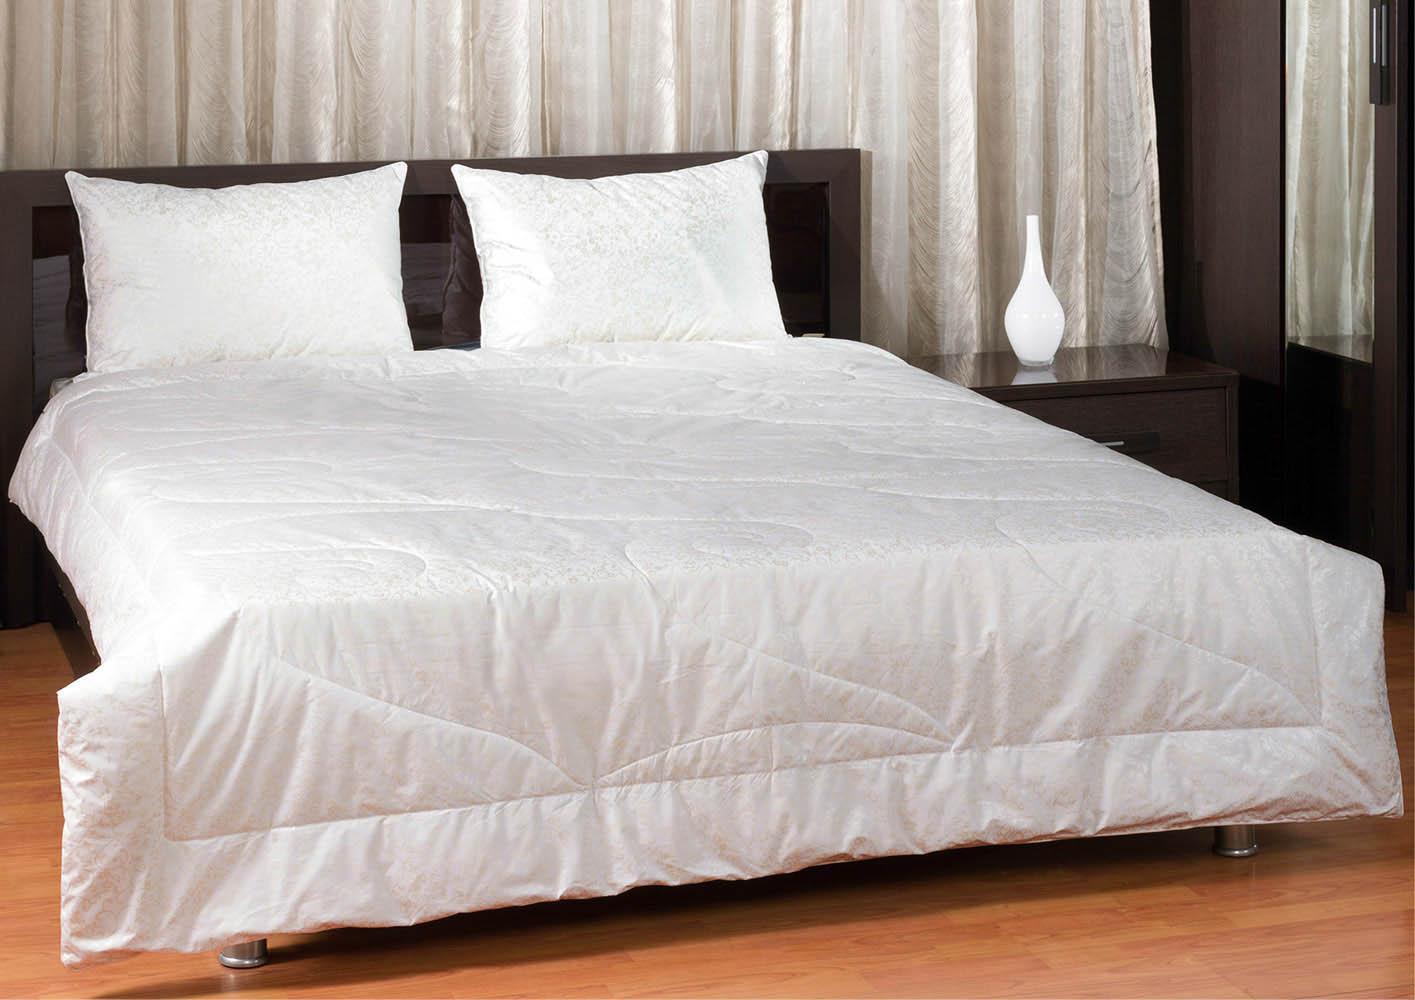 Одеяла Primavelle Одеяло Лебяжий Пух Цвет: Белый (172х205 см) одеяло primavelle felicia гусиный пух 140x205